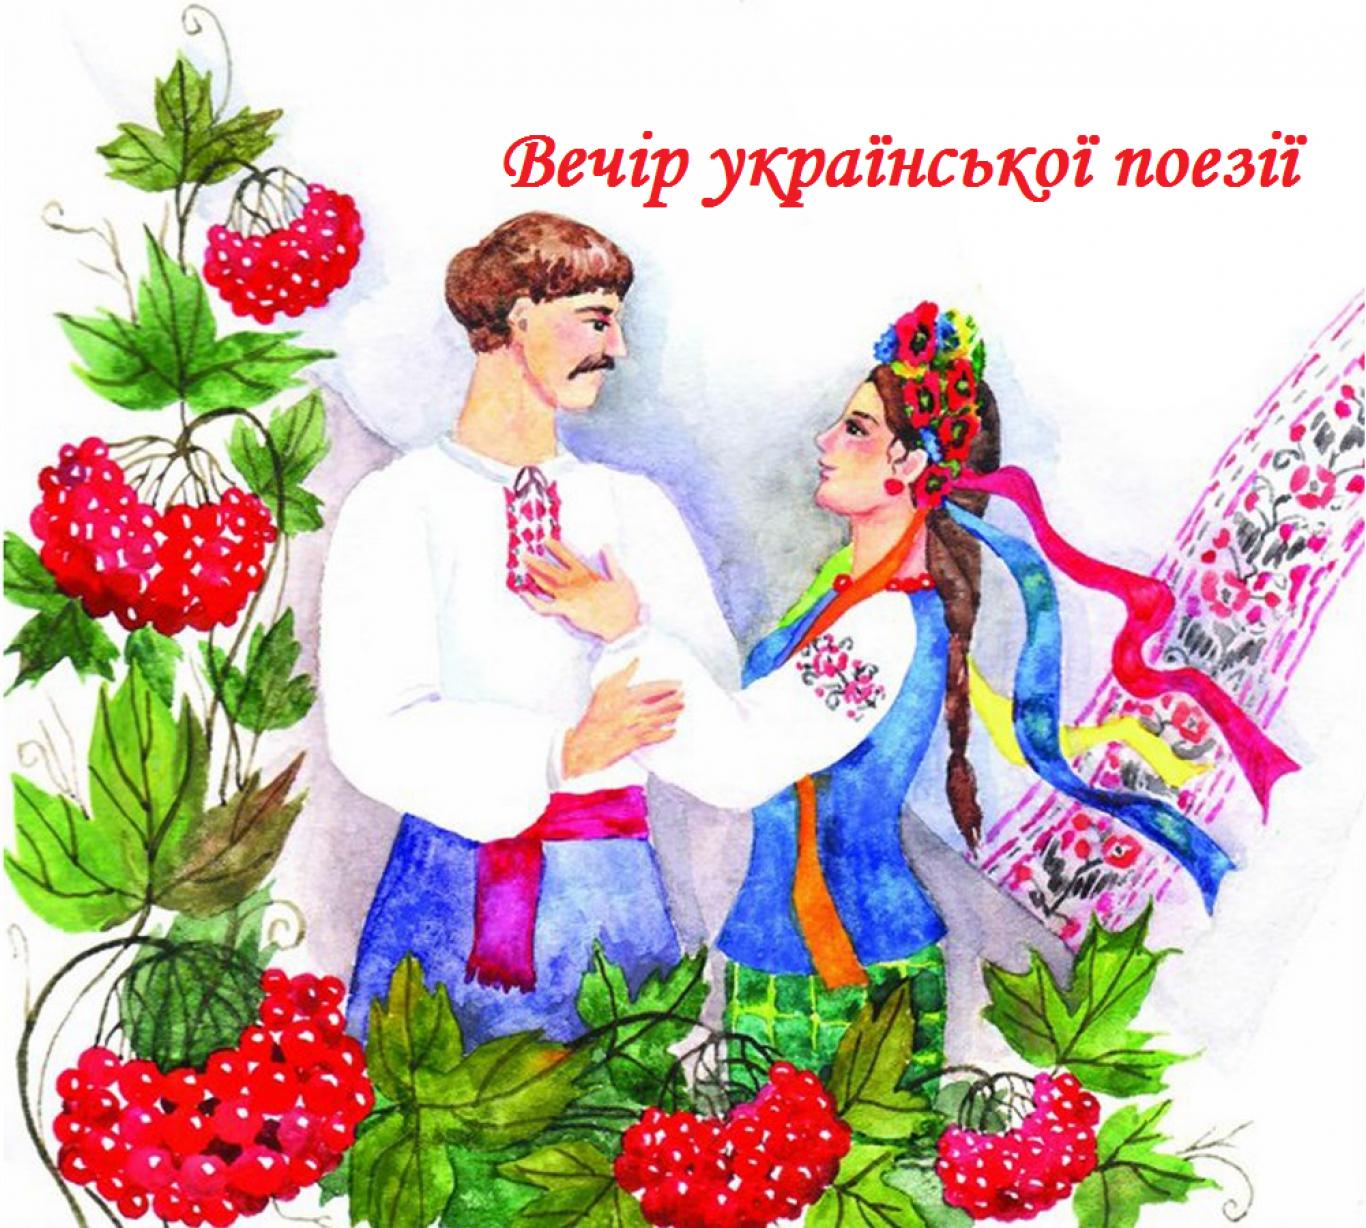 Вечір української поезії